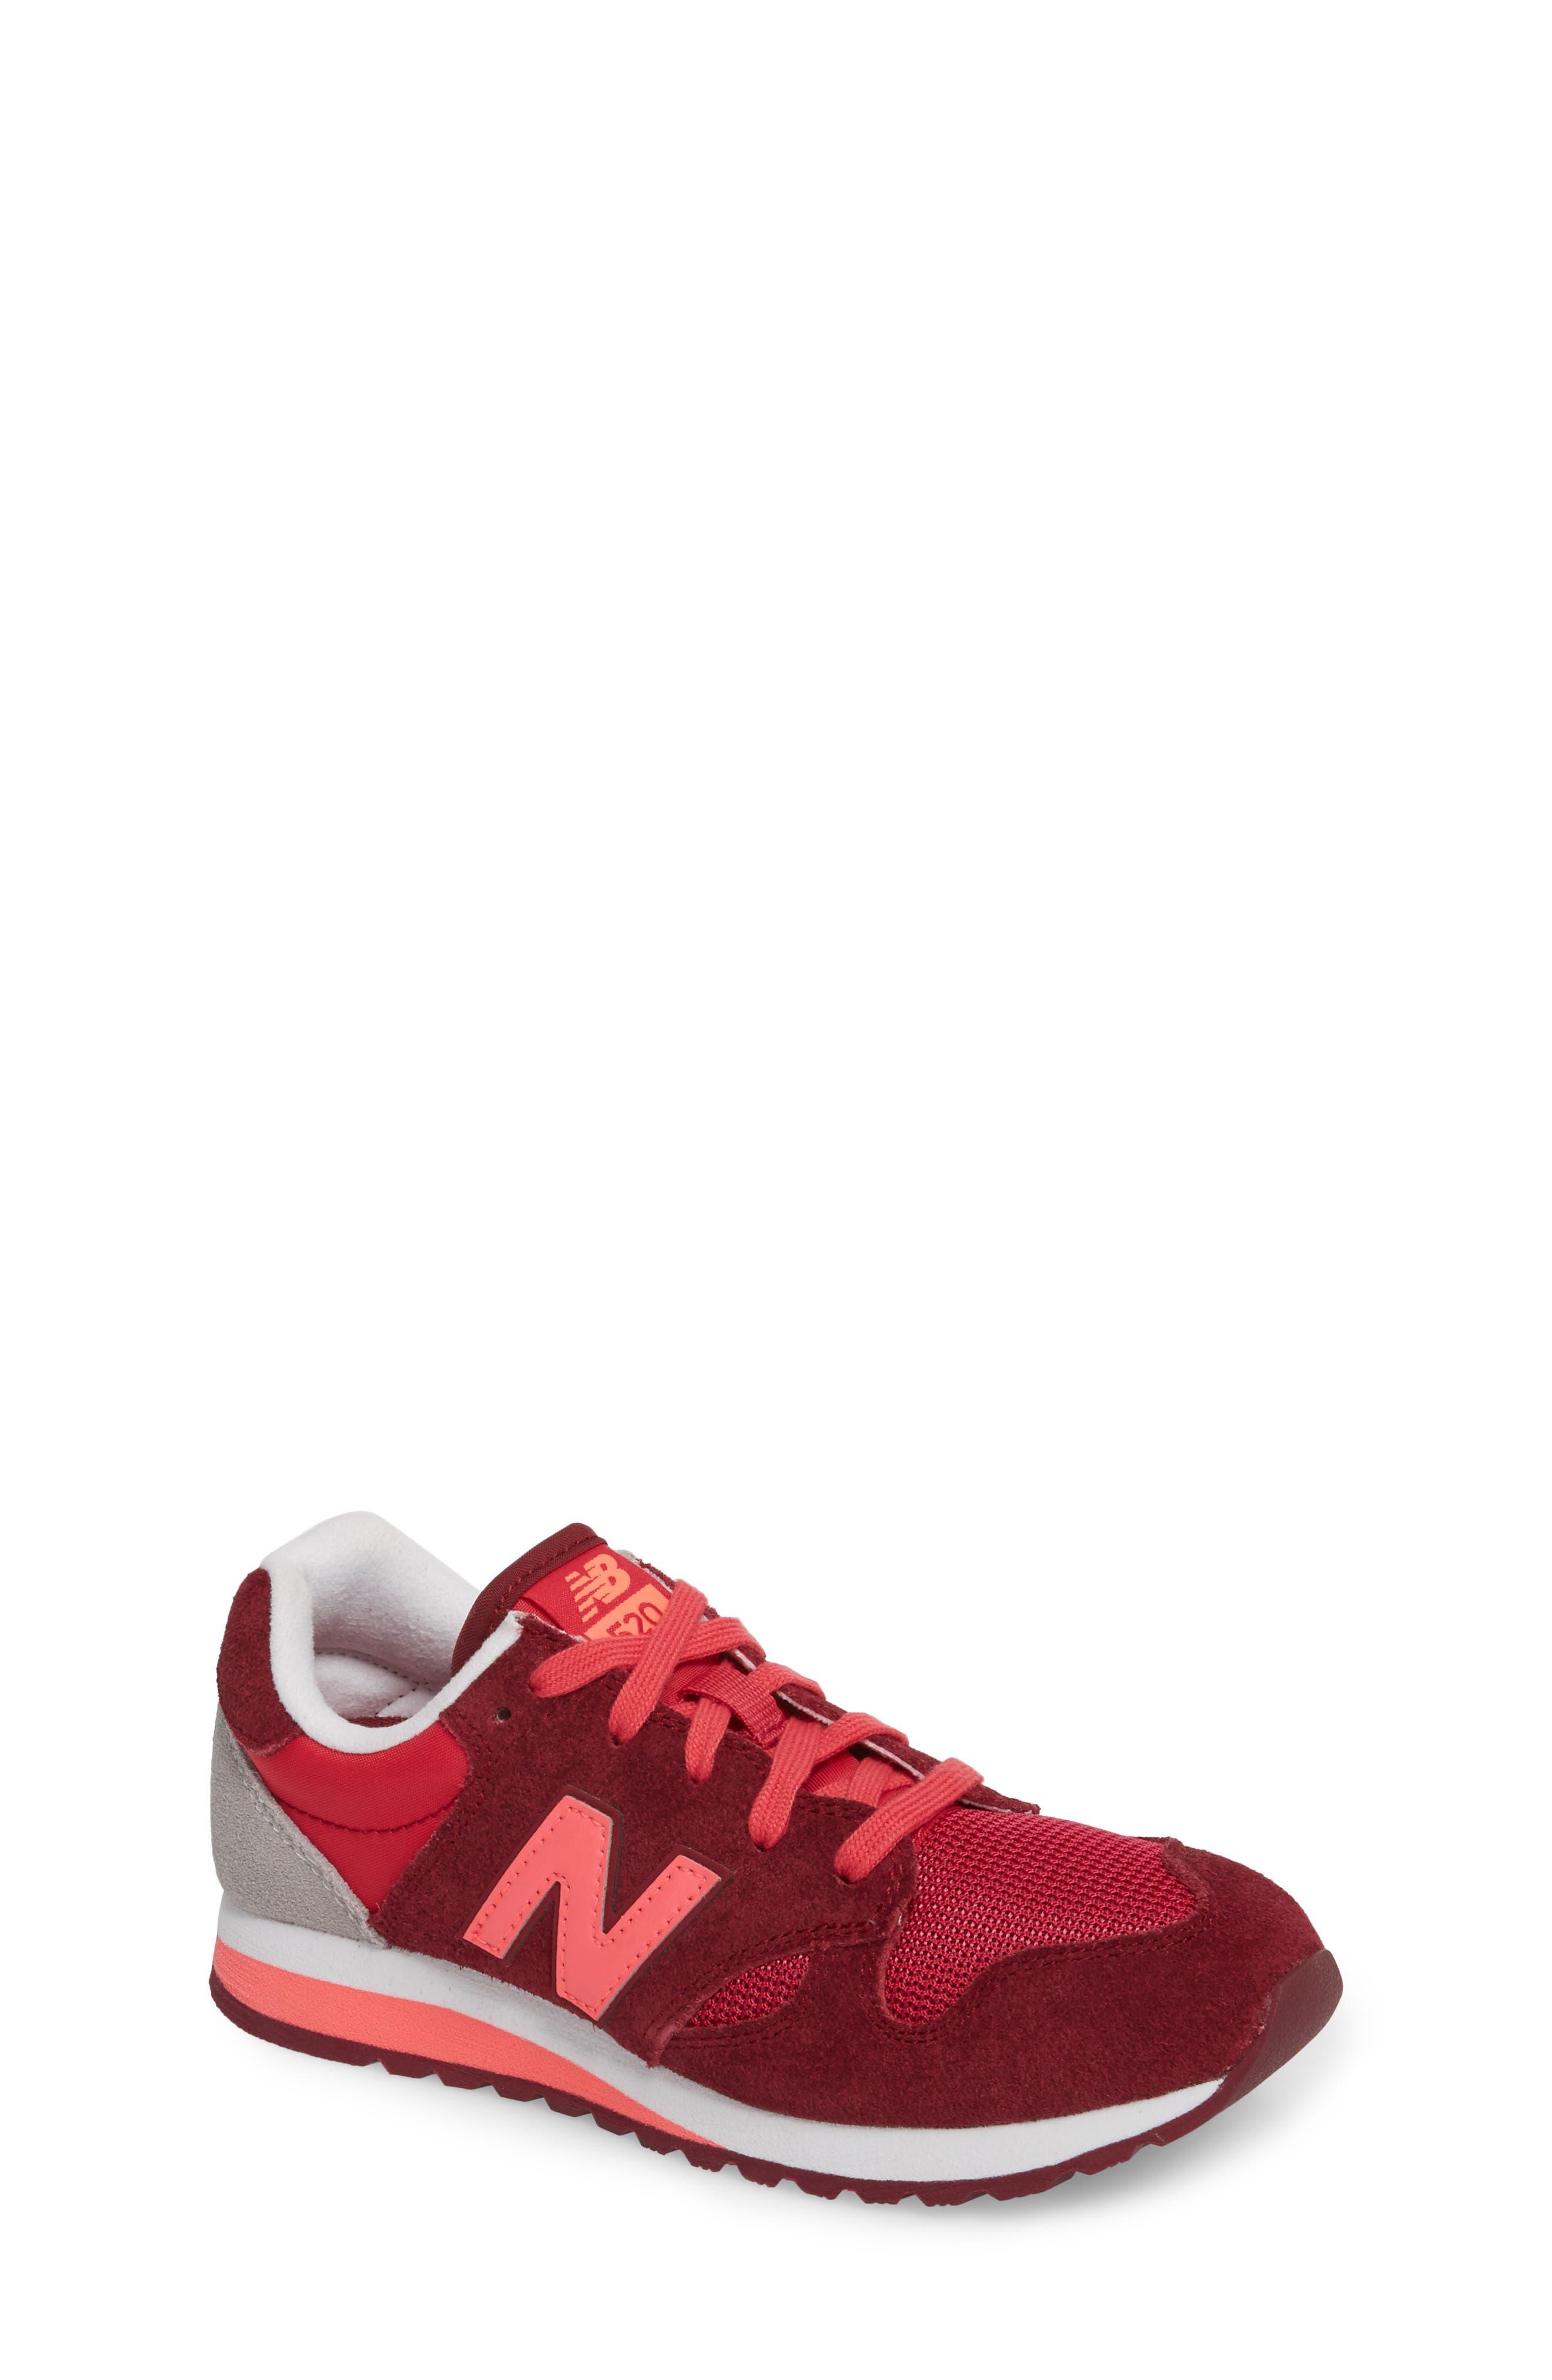 520 Sneaker,                         Main,                         color, 655